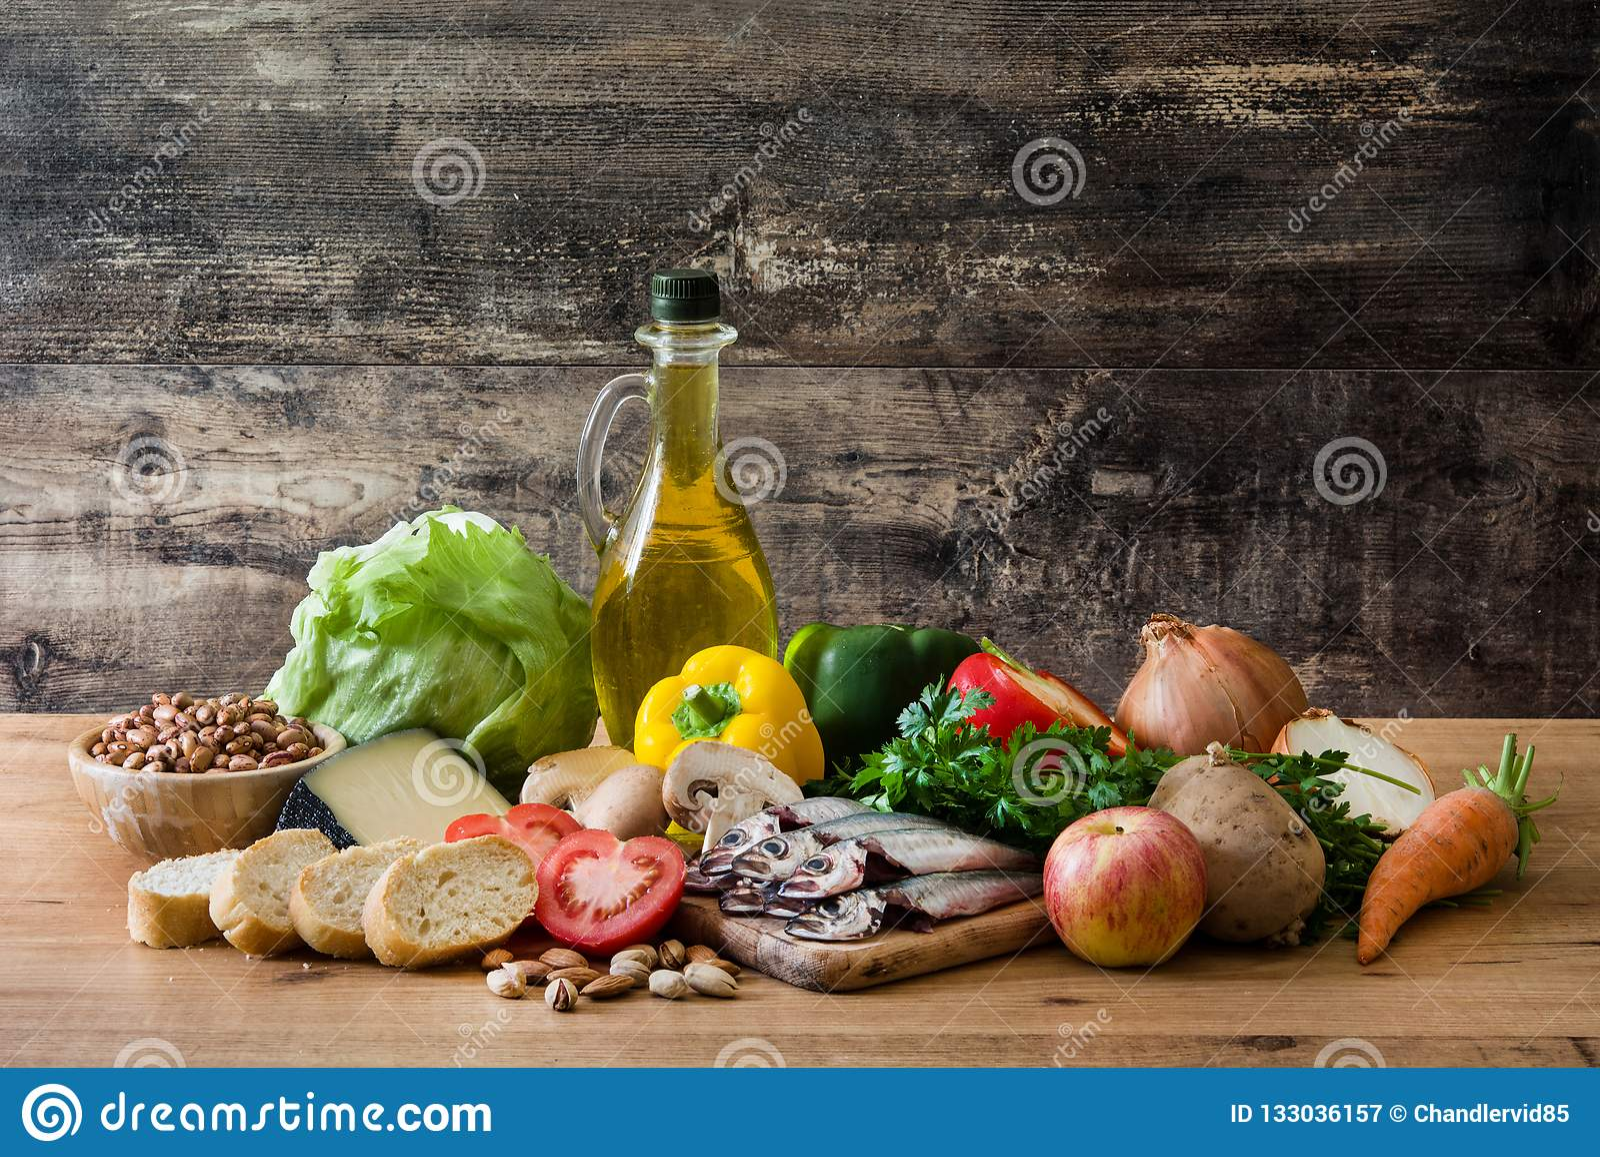 κατανάλωση υγιής Μεσόγειος σιτηρεσίου Φρούτα, λαχανικά, σιτάρι, ελαιόλαδο καρυδιών και ψάρια